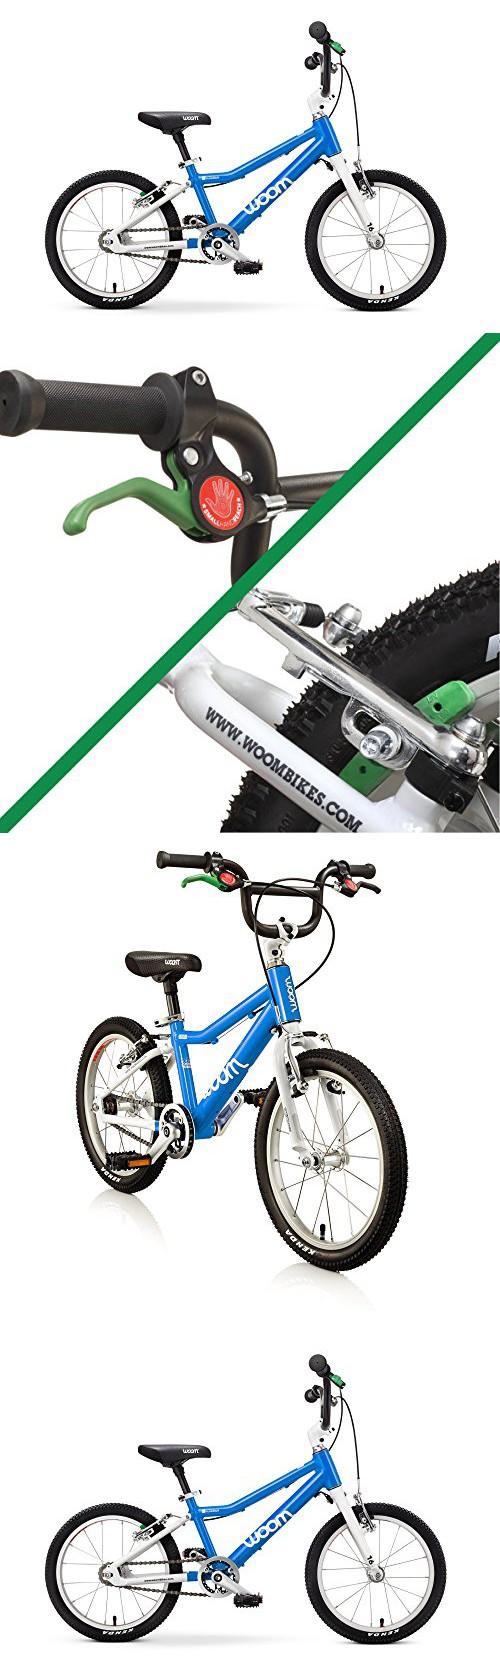 Woom Bikes Usa Woom 3 Bike 16 Inch 4 6 Years Blue Automatix Blue